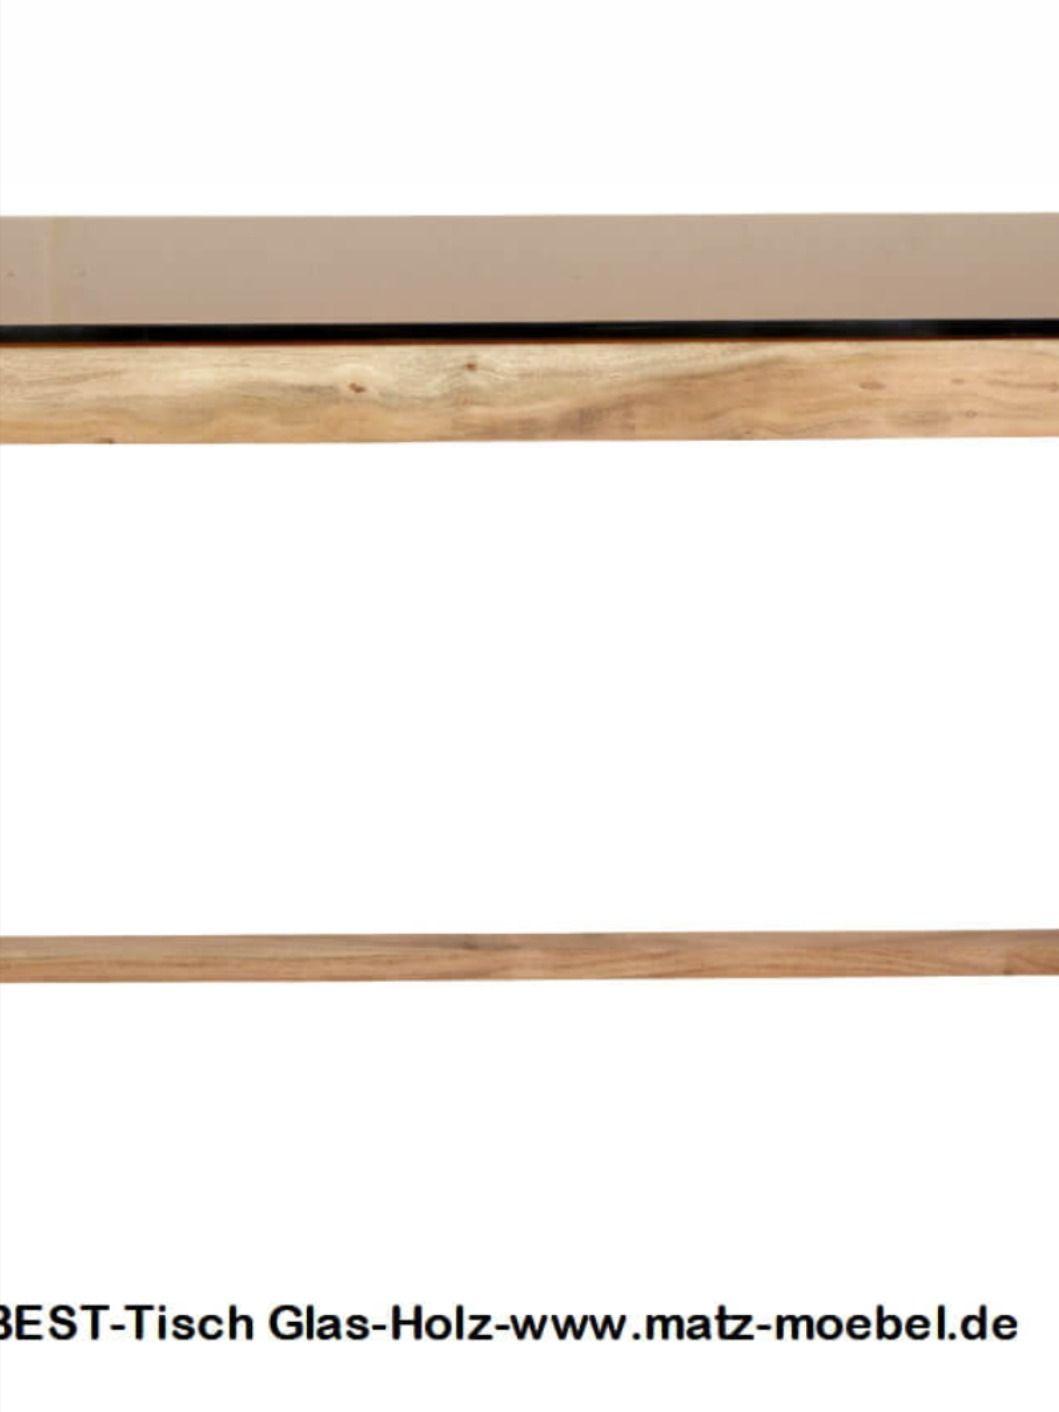 Best Schreibtisch Tisch Glas Holz In 2020 Tisch Glas Tischplatte Holz